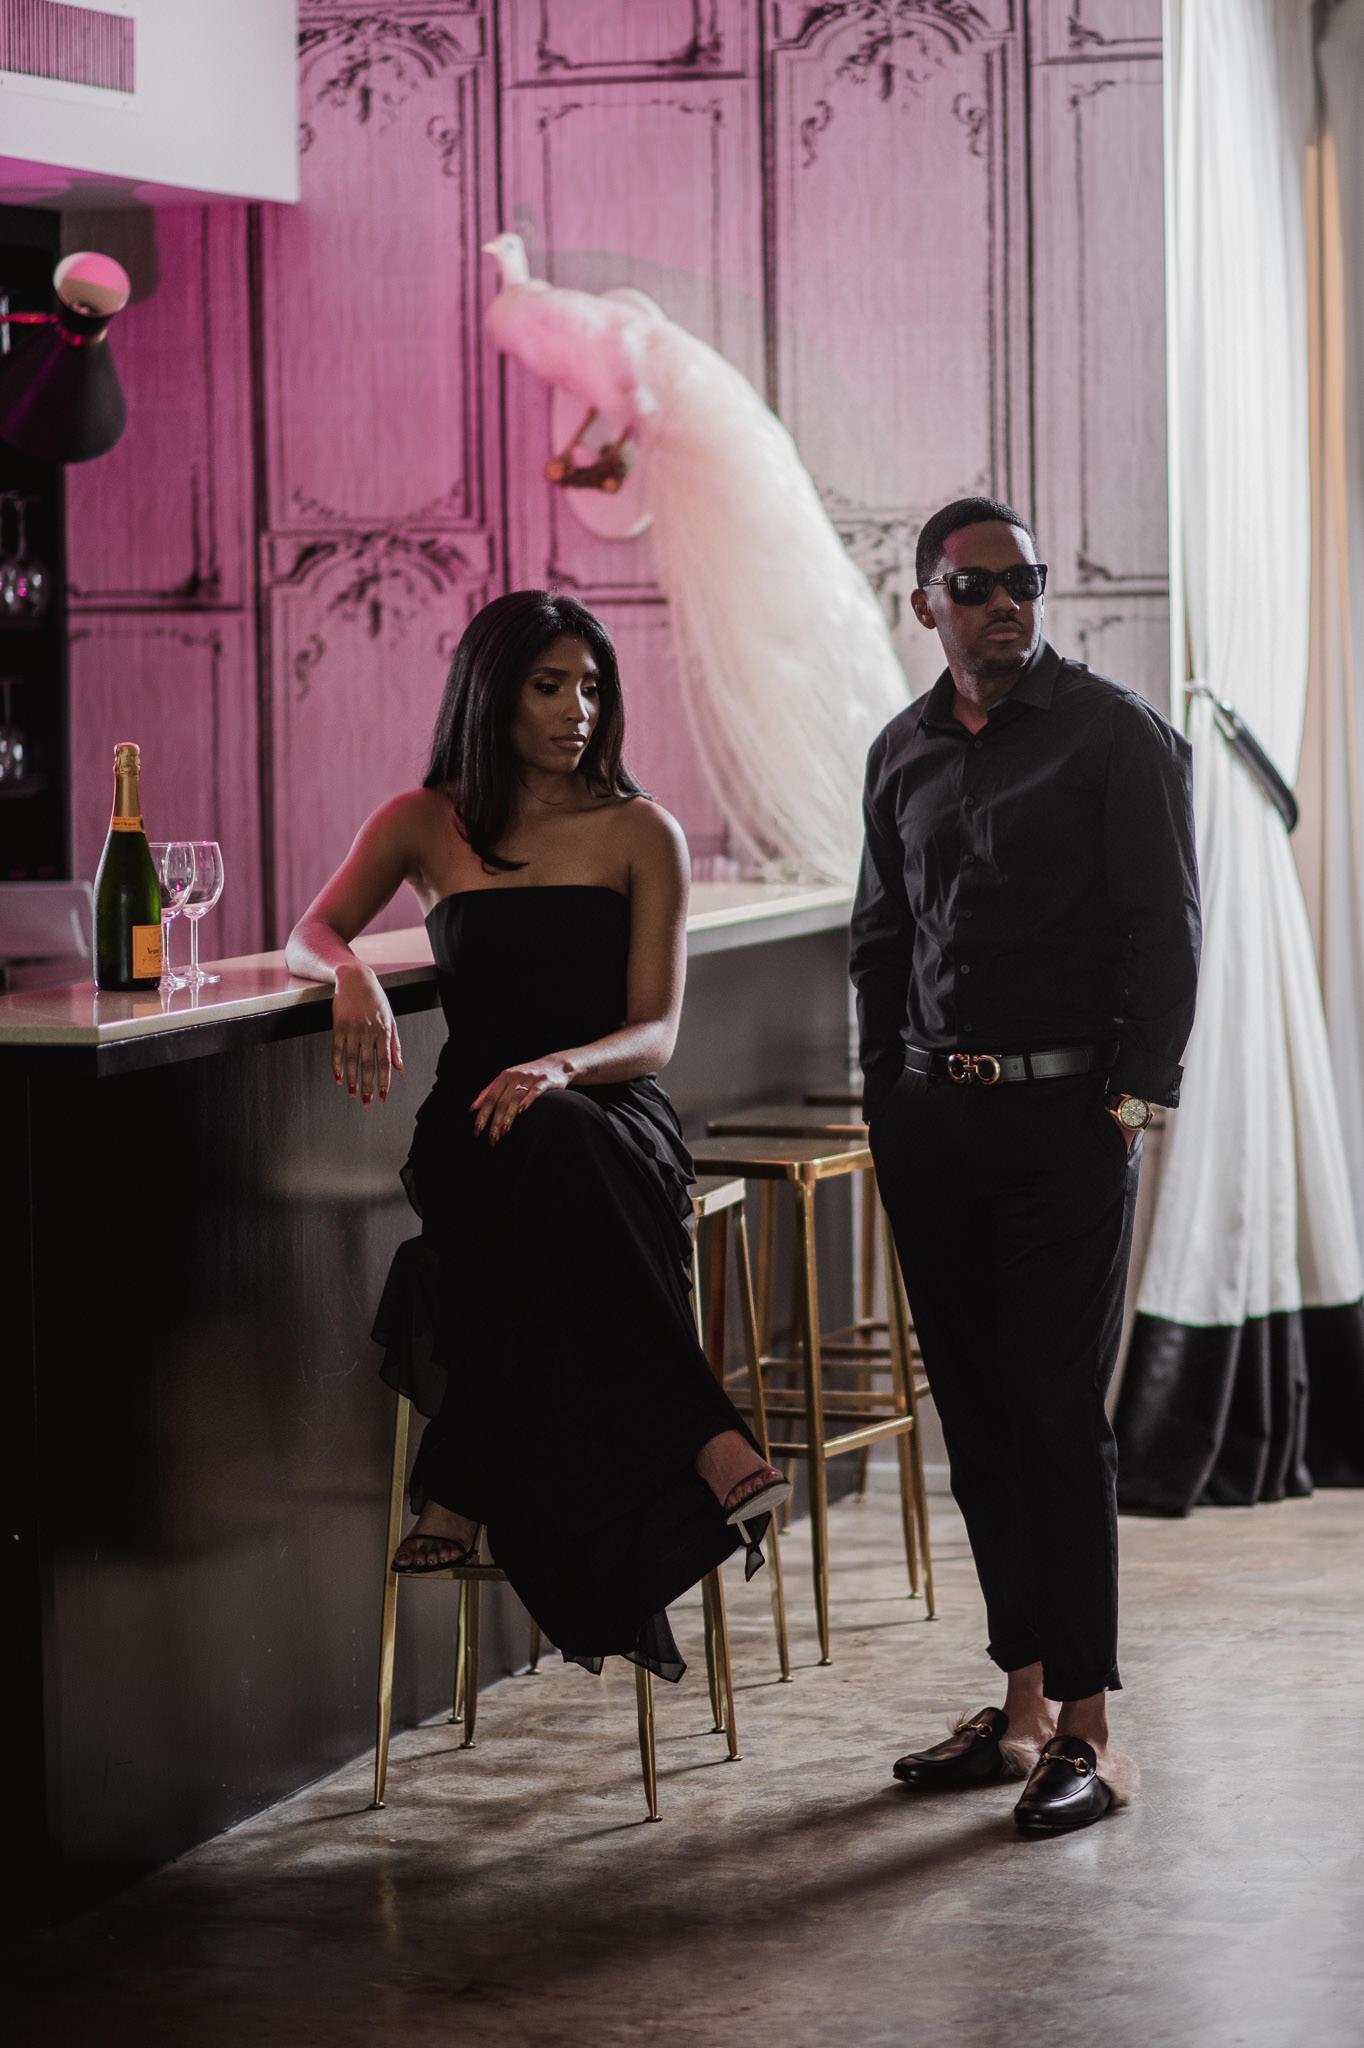 whitney-rodney-engagement-life-htx-venue-classy-glam-black-sm-45.jpg